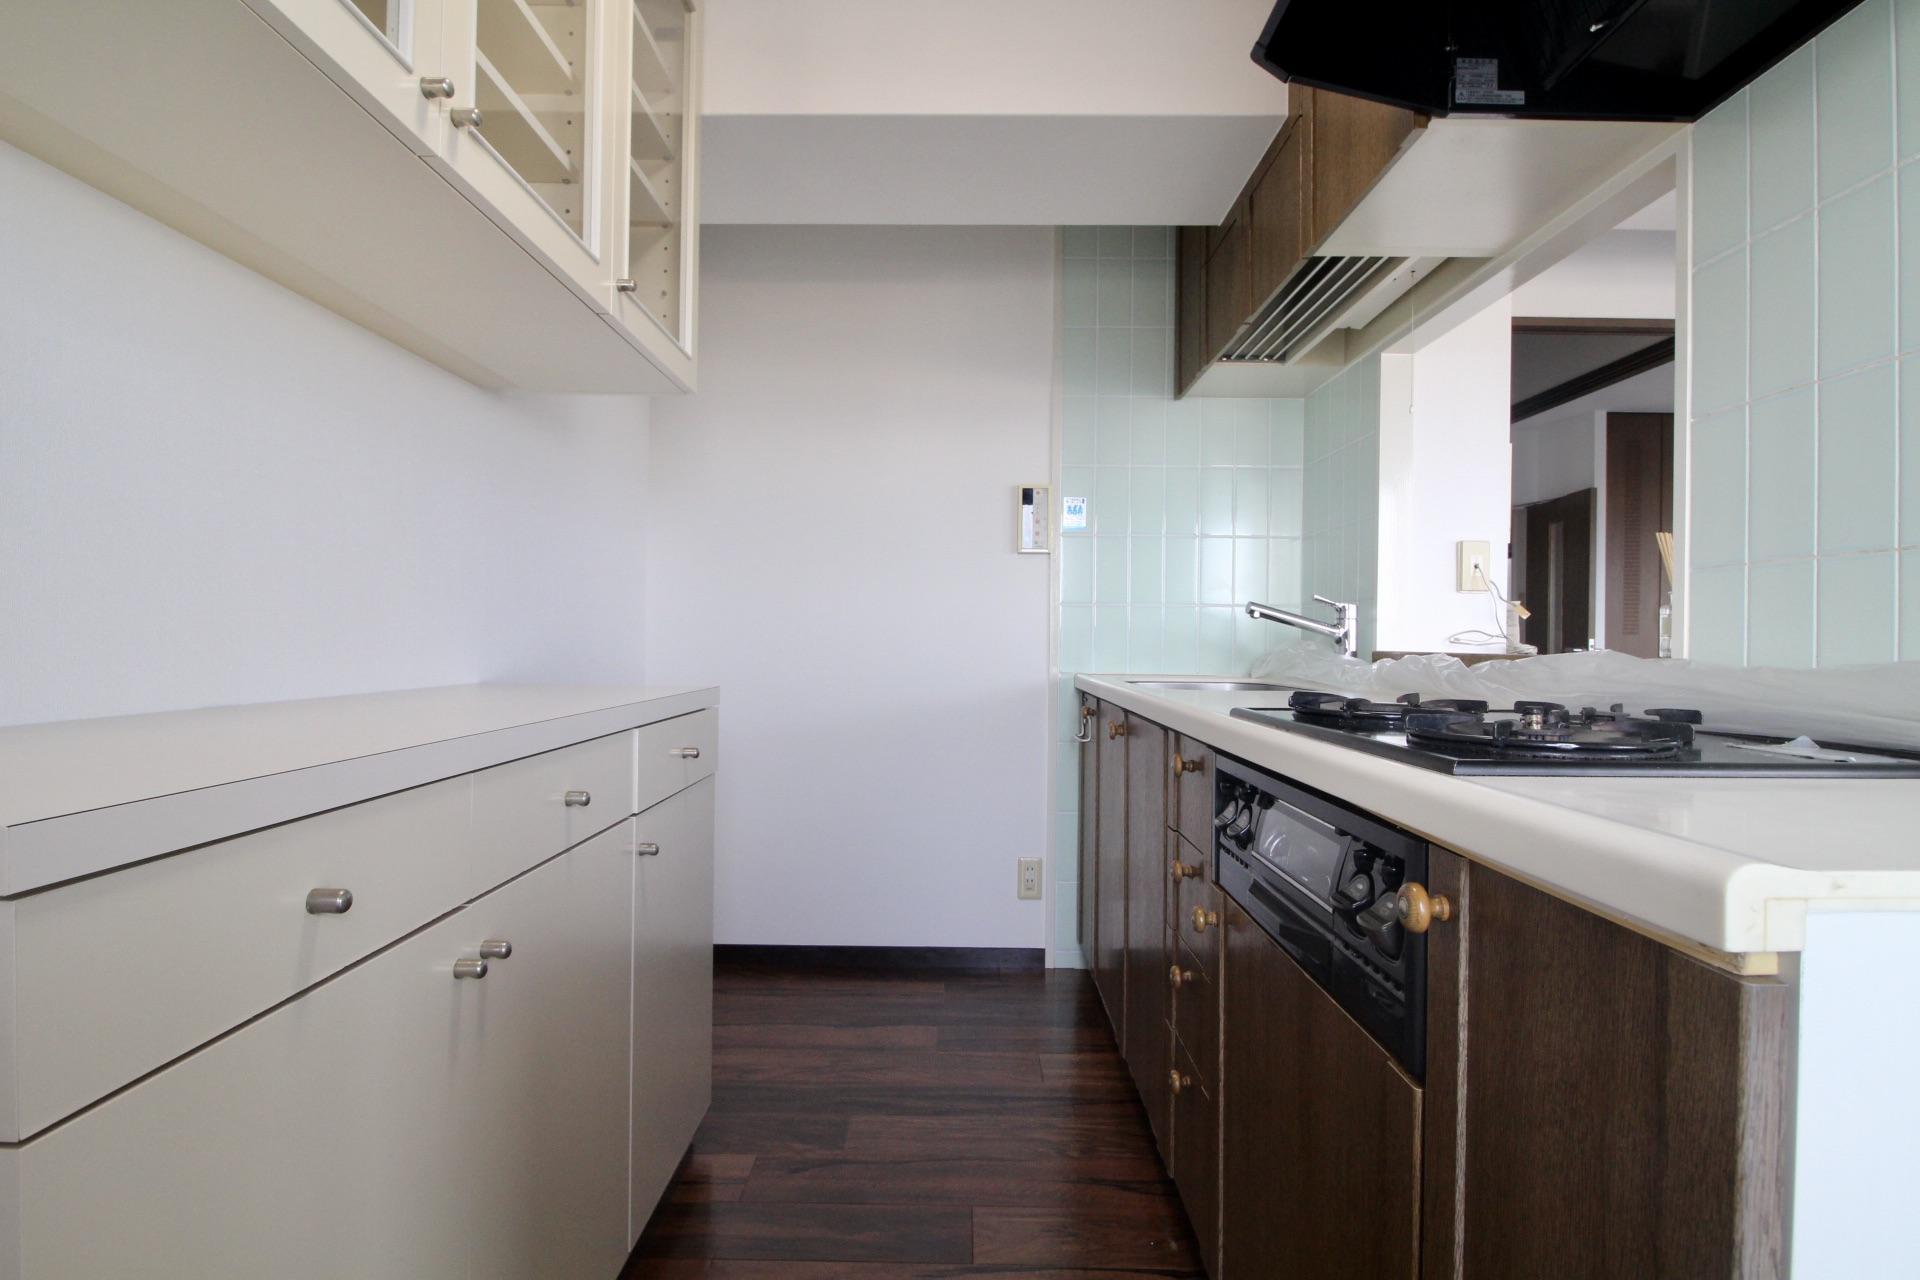 収納力のある備え付けの棚付きのキッチン